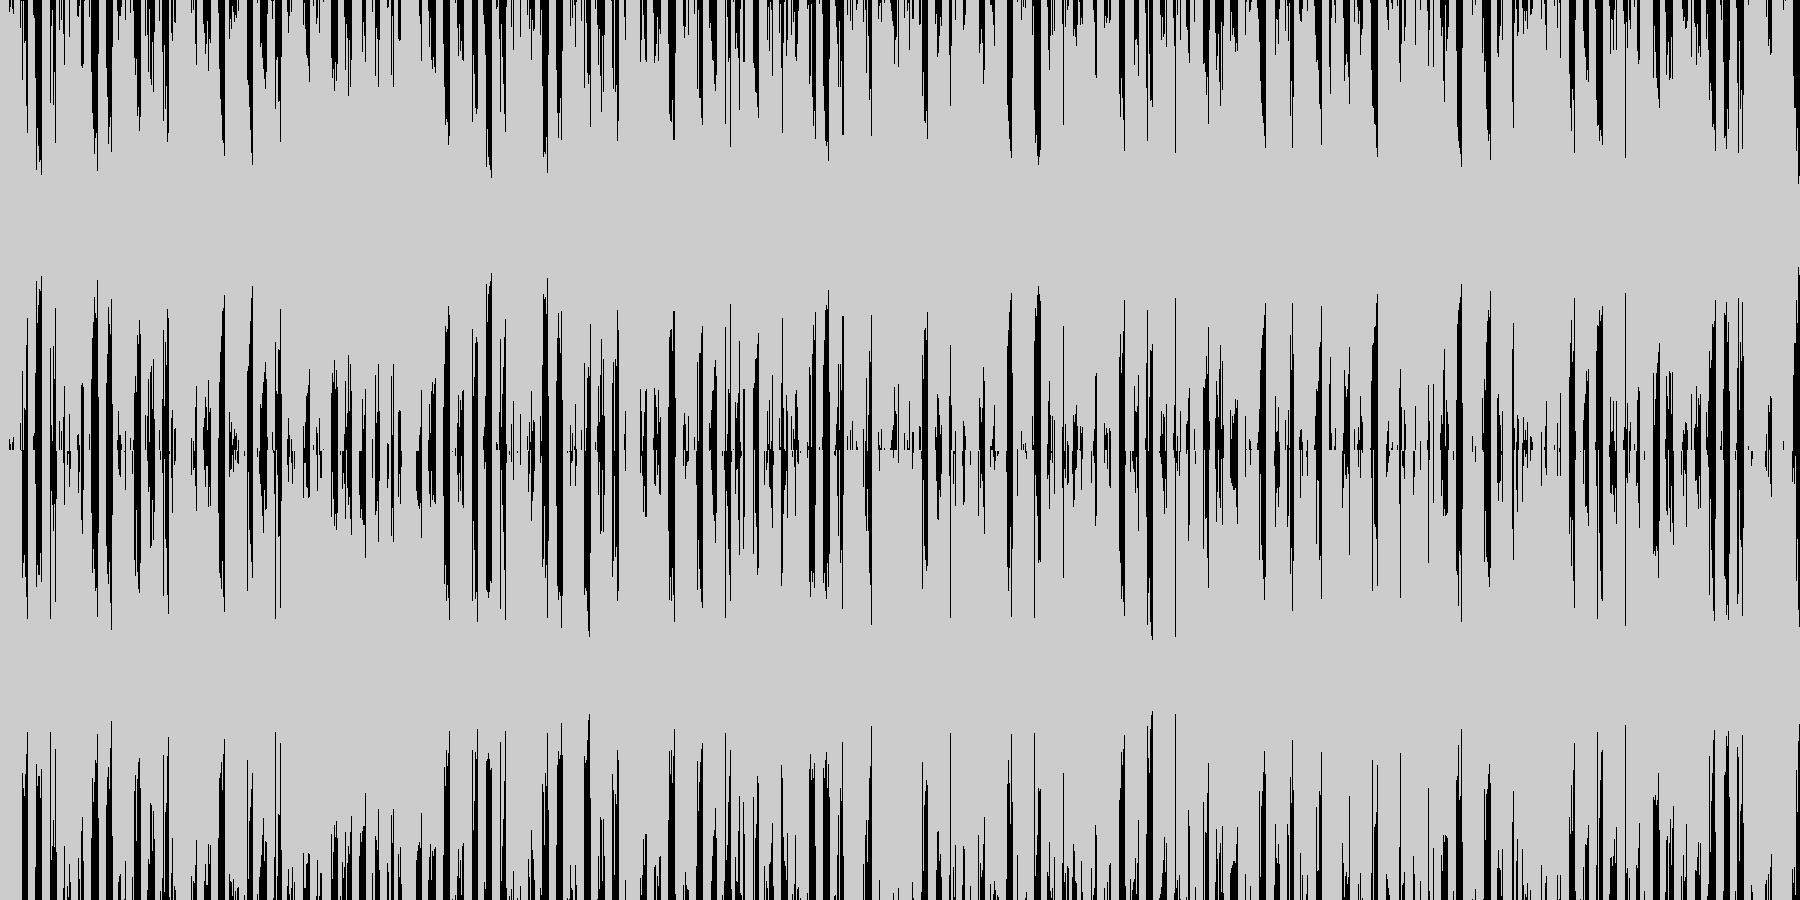 ジングルベル スキャット入り2 ループの未再生の波形